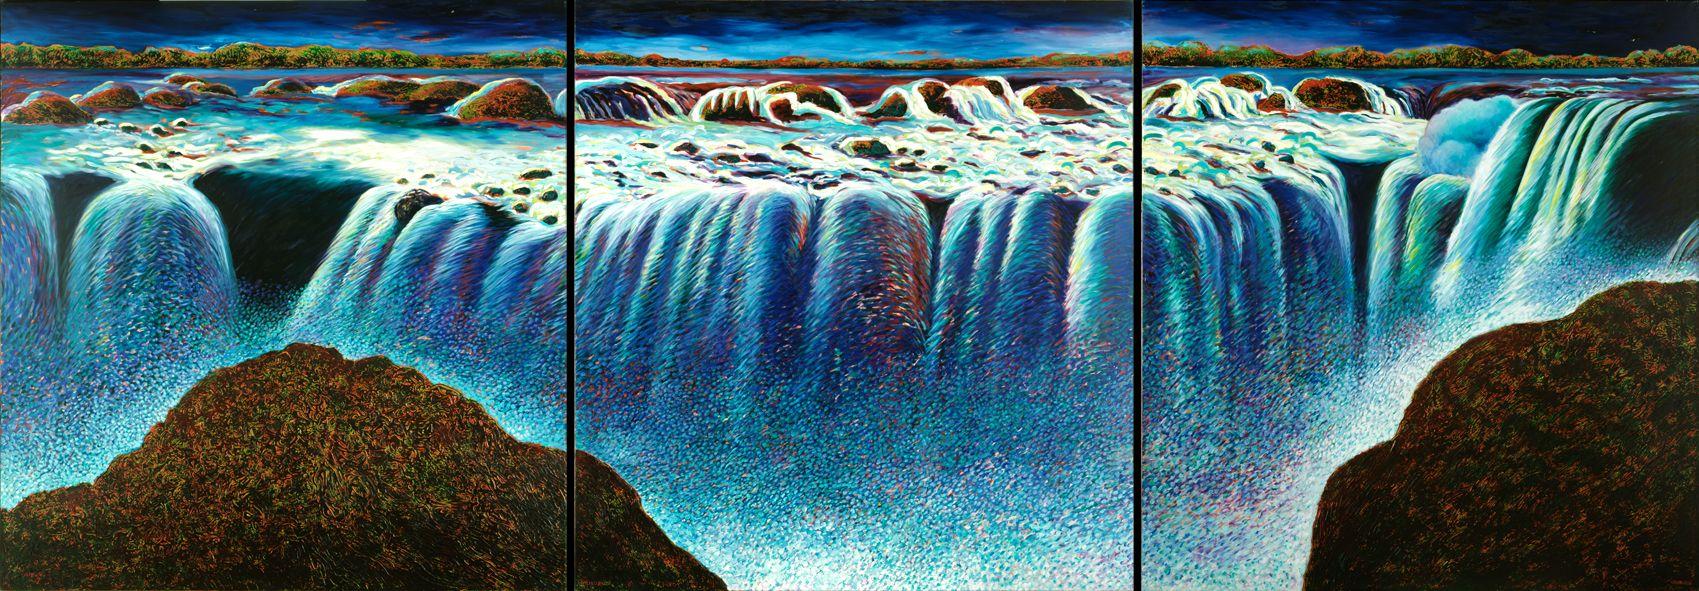 Nicolás García Uriburu | Iguazú nocturno (cataratas) | 1987 | Óleo sobre tela | 190 x 540 cm